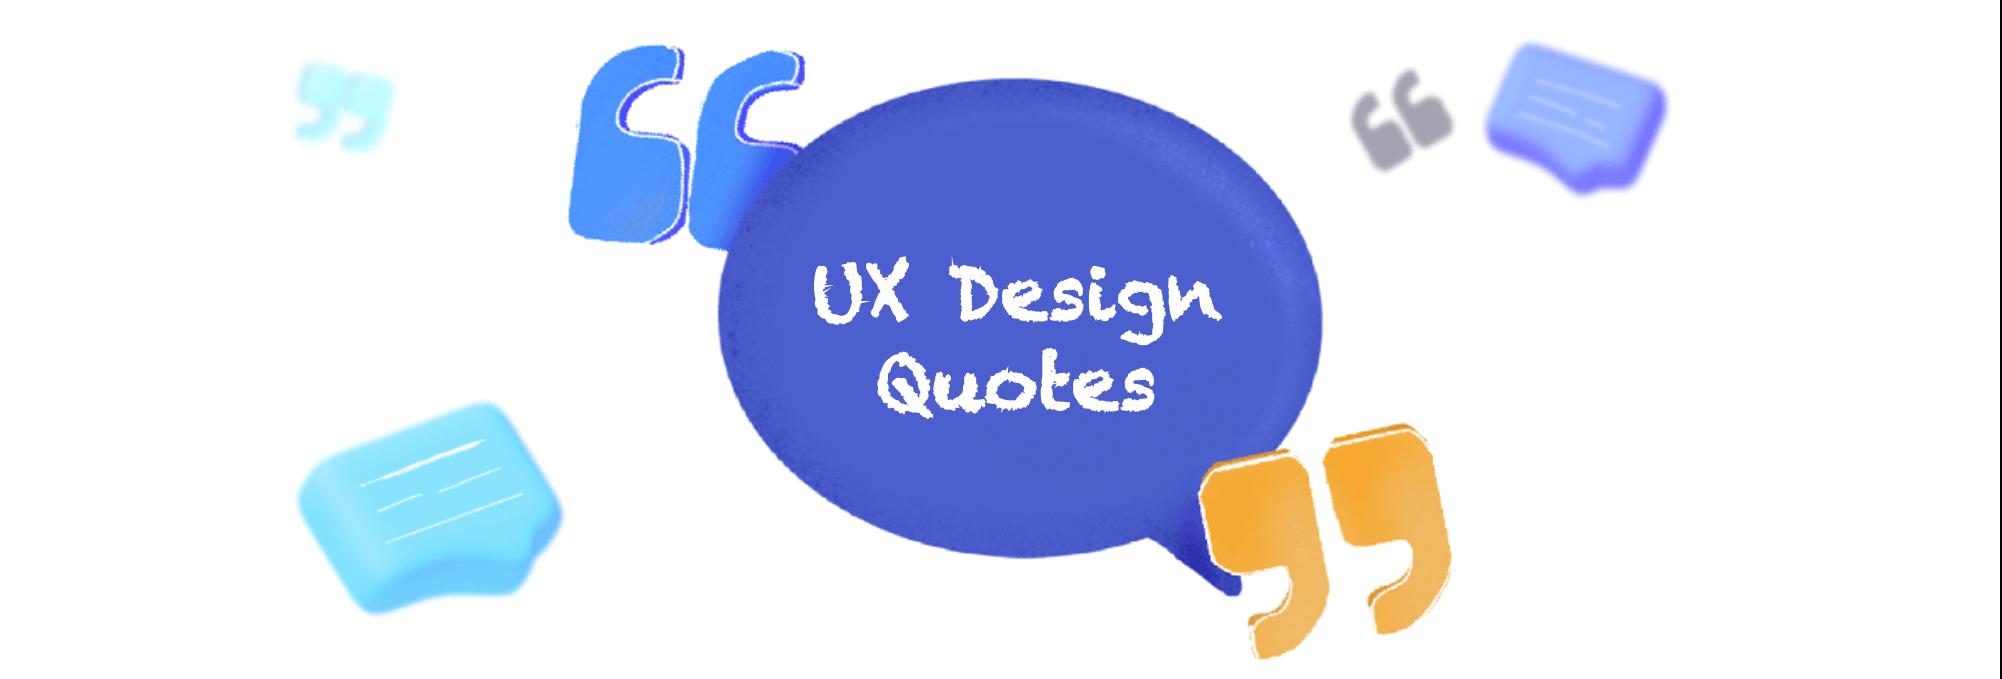 ux design quotes cover